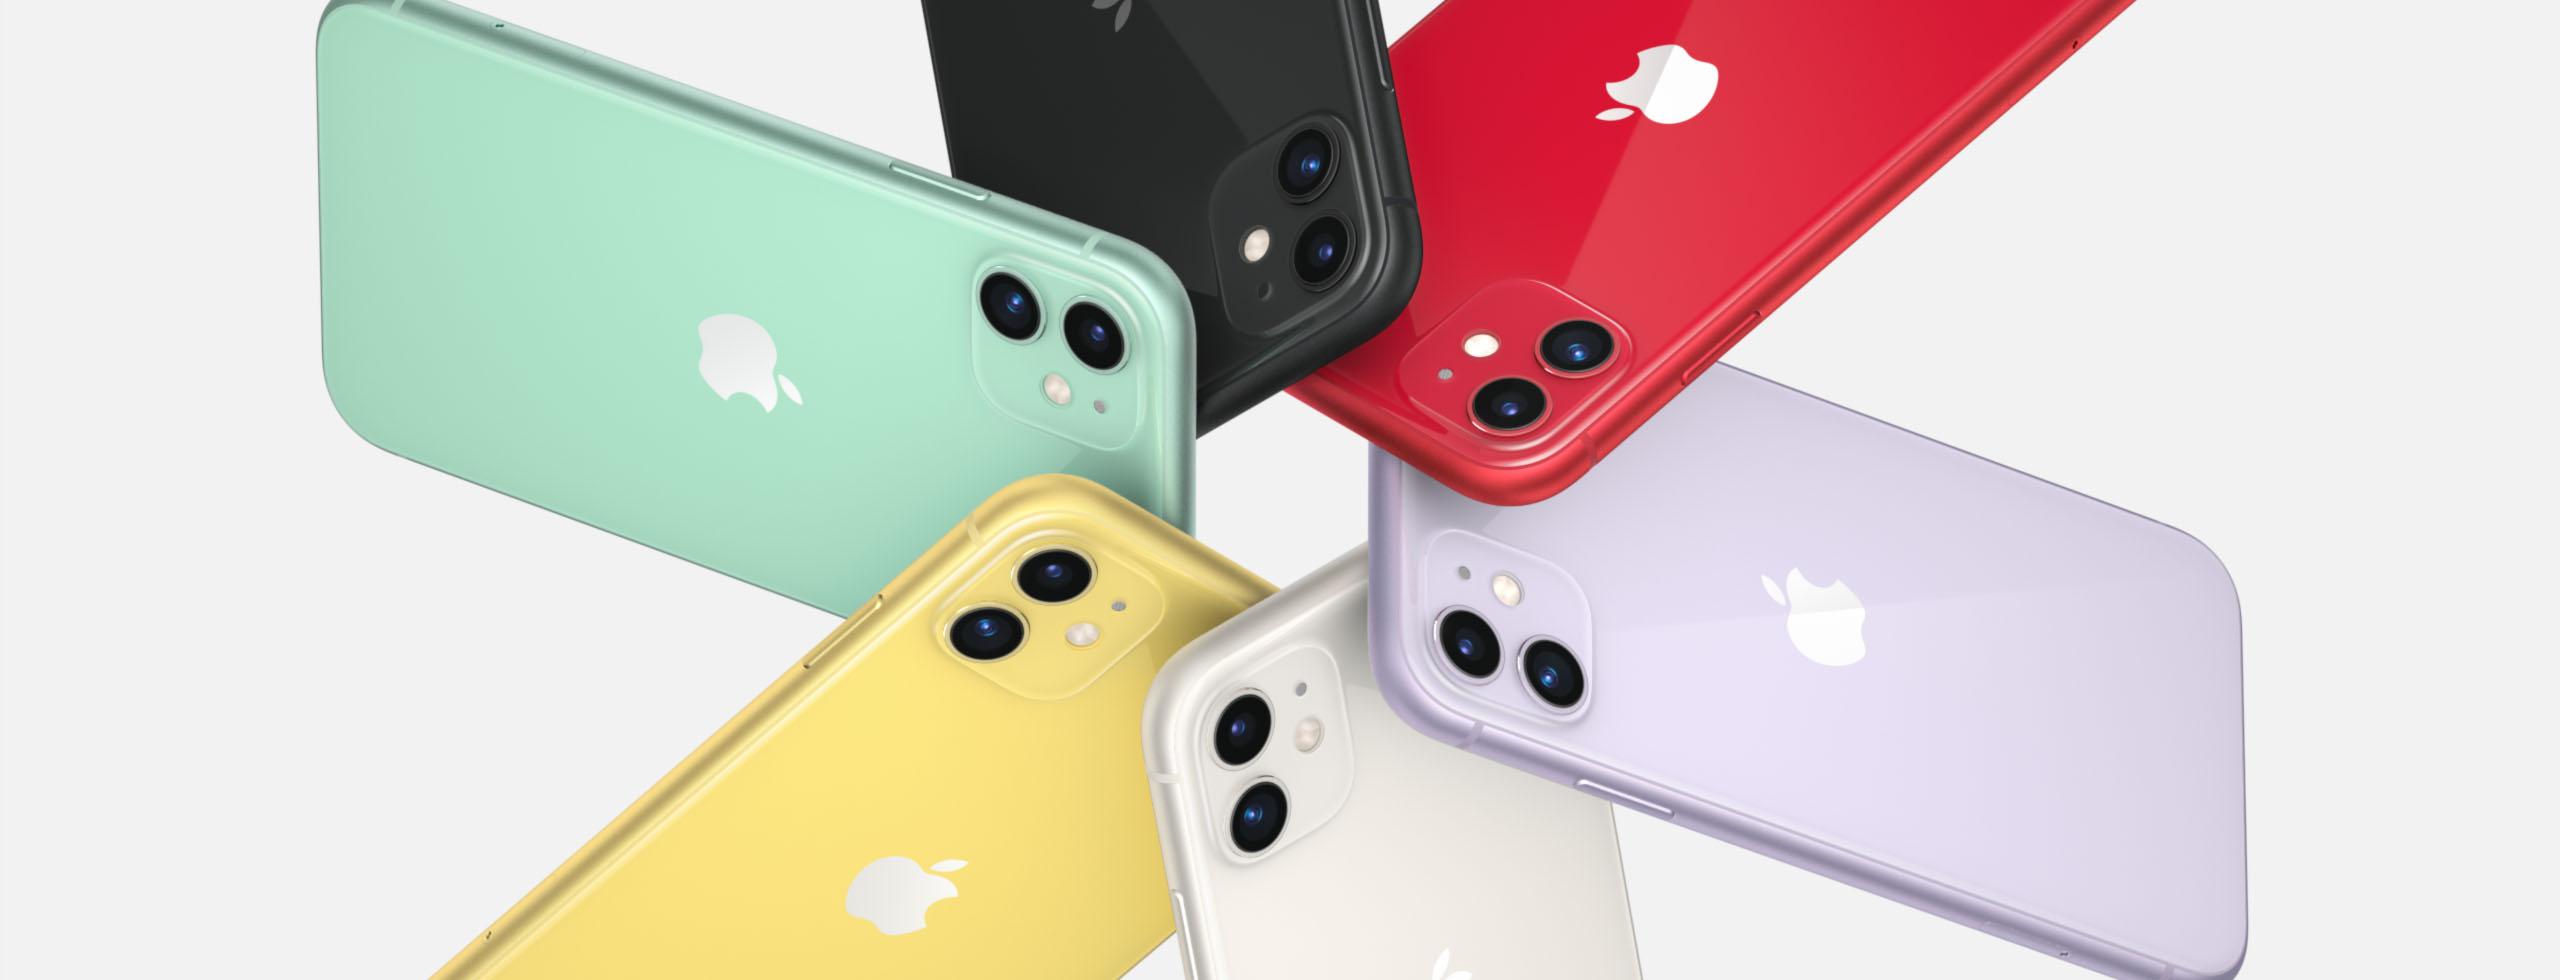 Нові iPhone 11 вже висміяли у мемах (ФОТО)